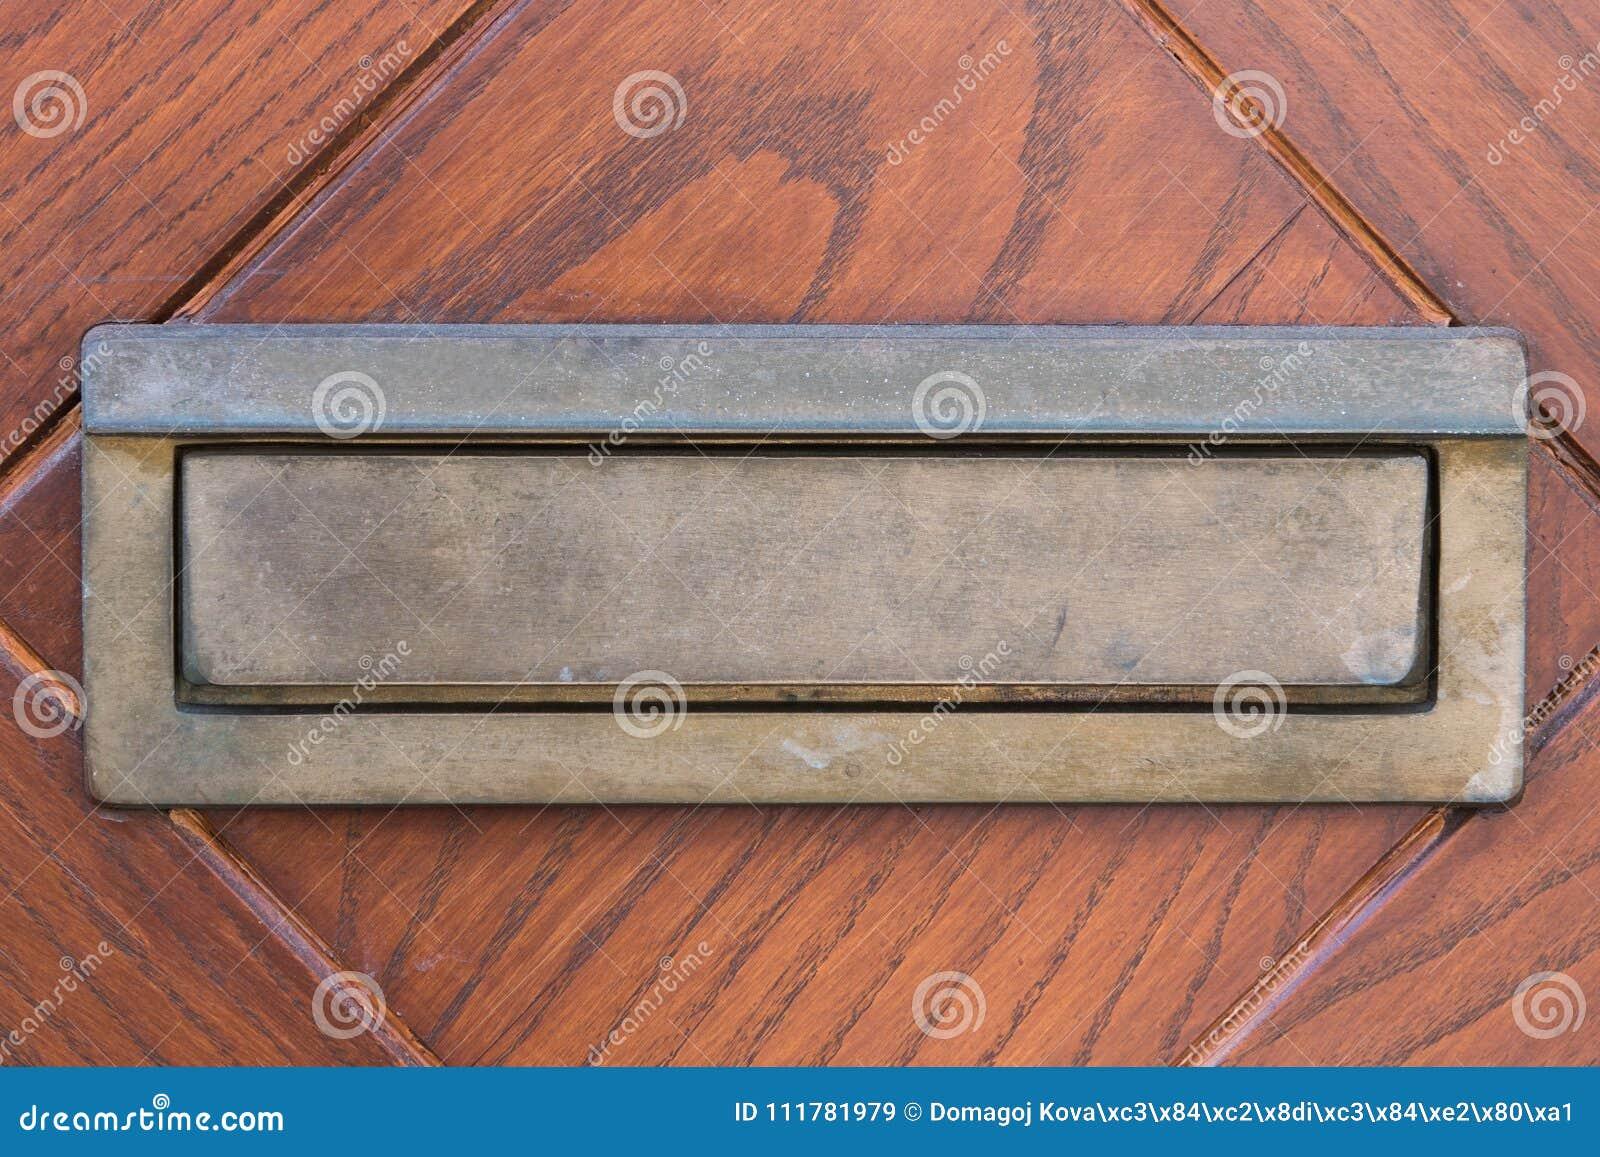 Μικρή ασημένια ταχυδρομική θυρίδα πορτών στις ξύλινες πόρτες Κιβώτιο μικρών γραμμάτων